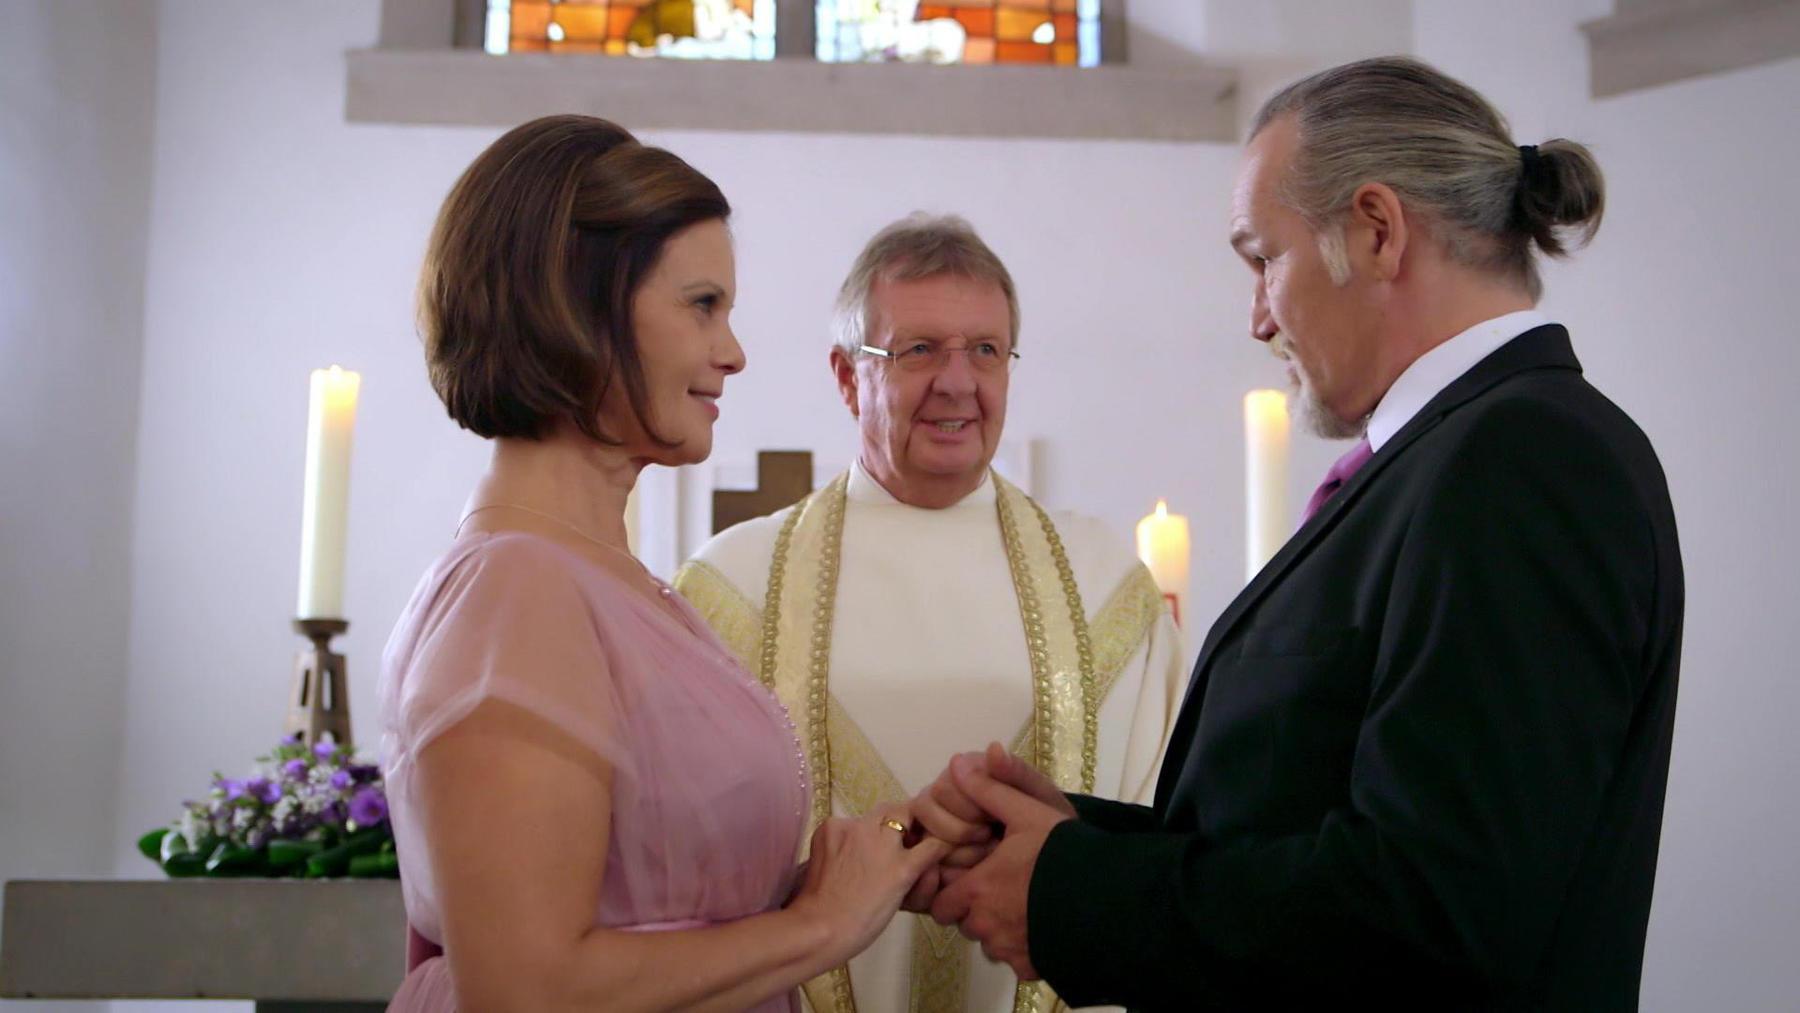 Irene und Robert geben sich glücklich das Ja-Wort.